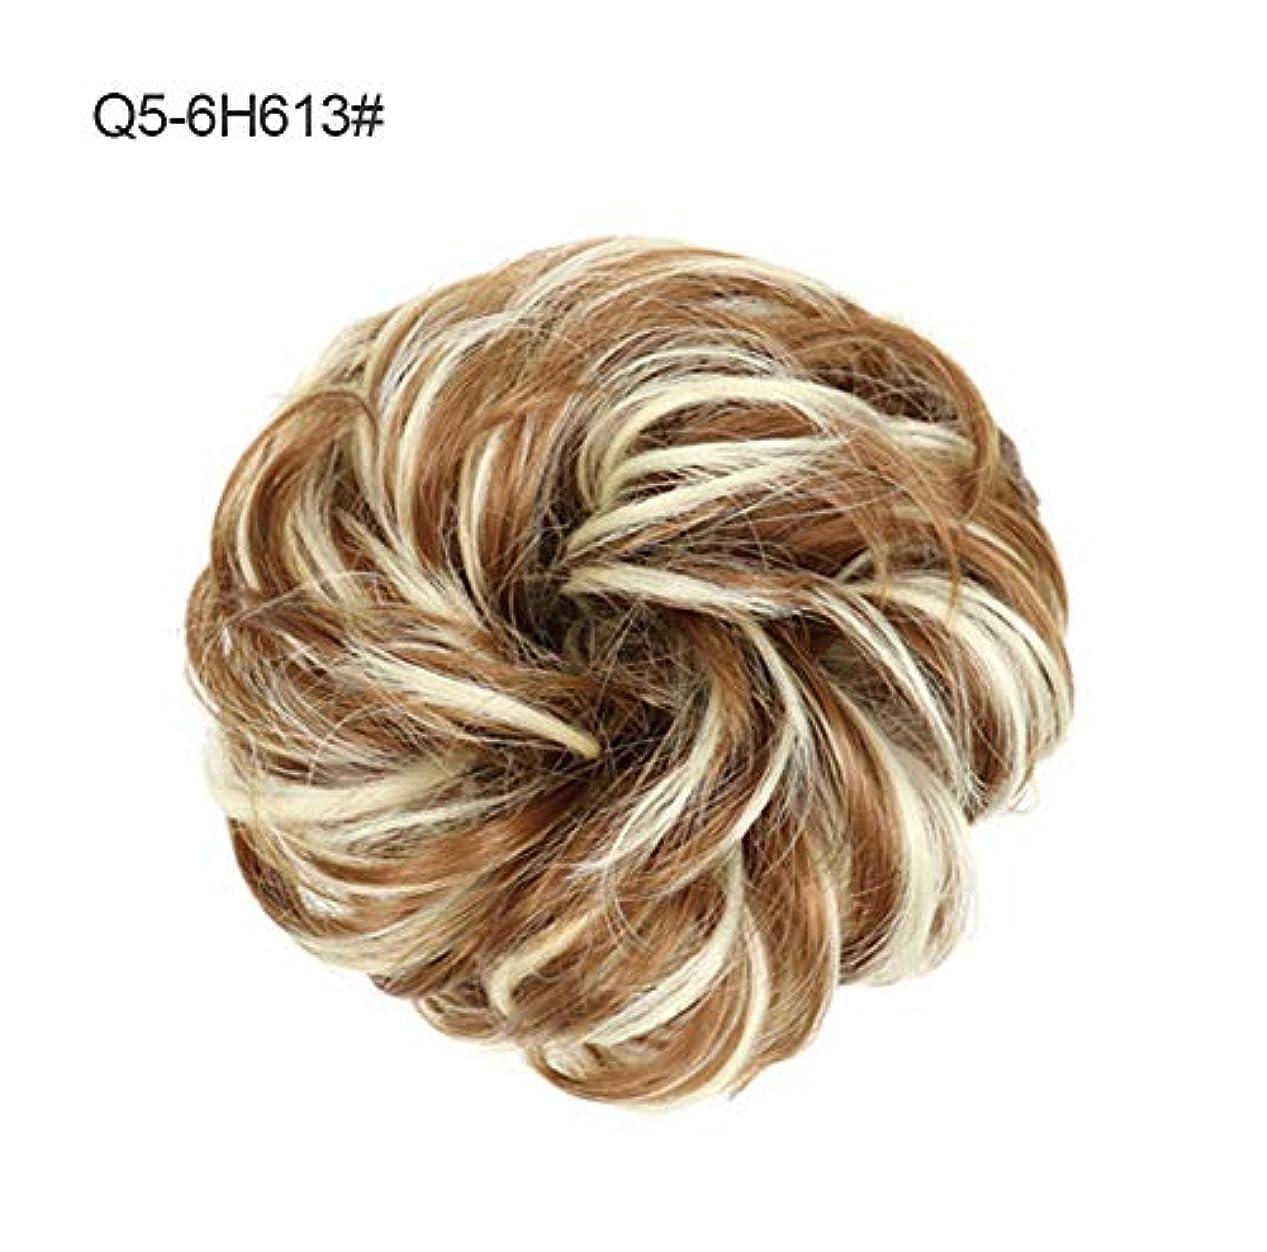 つぶやき苦い埋め込む乱雑なポニーテールシニョンドーナツ拡張機能、女性のためのシュシュ髪お団子巻き毛波状リボンアクセサリー